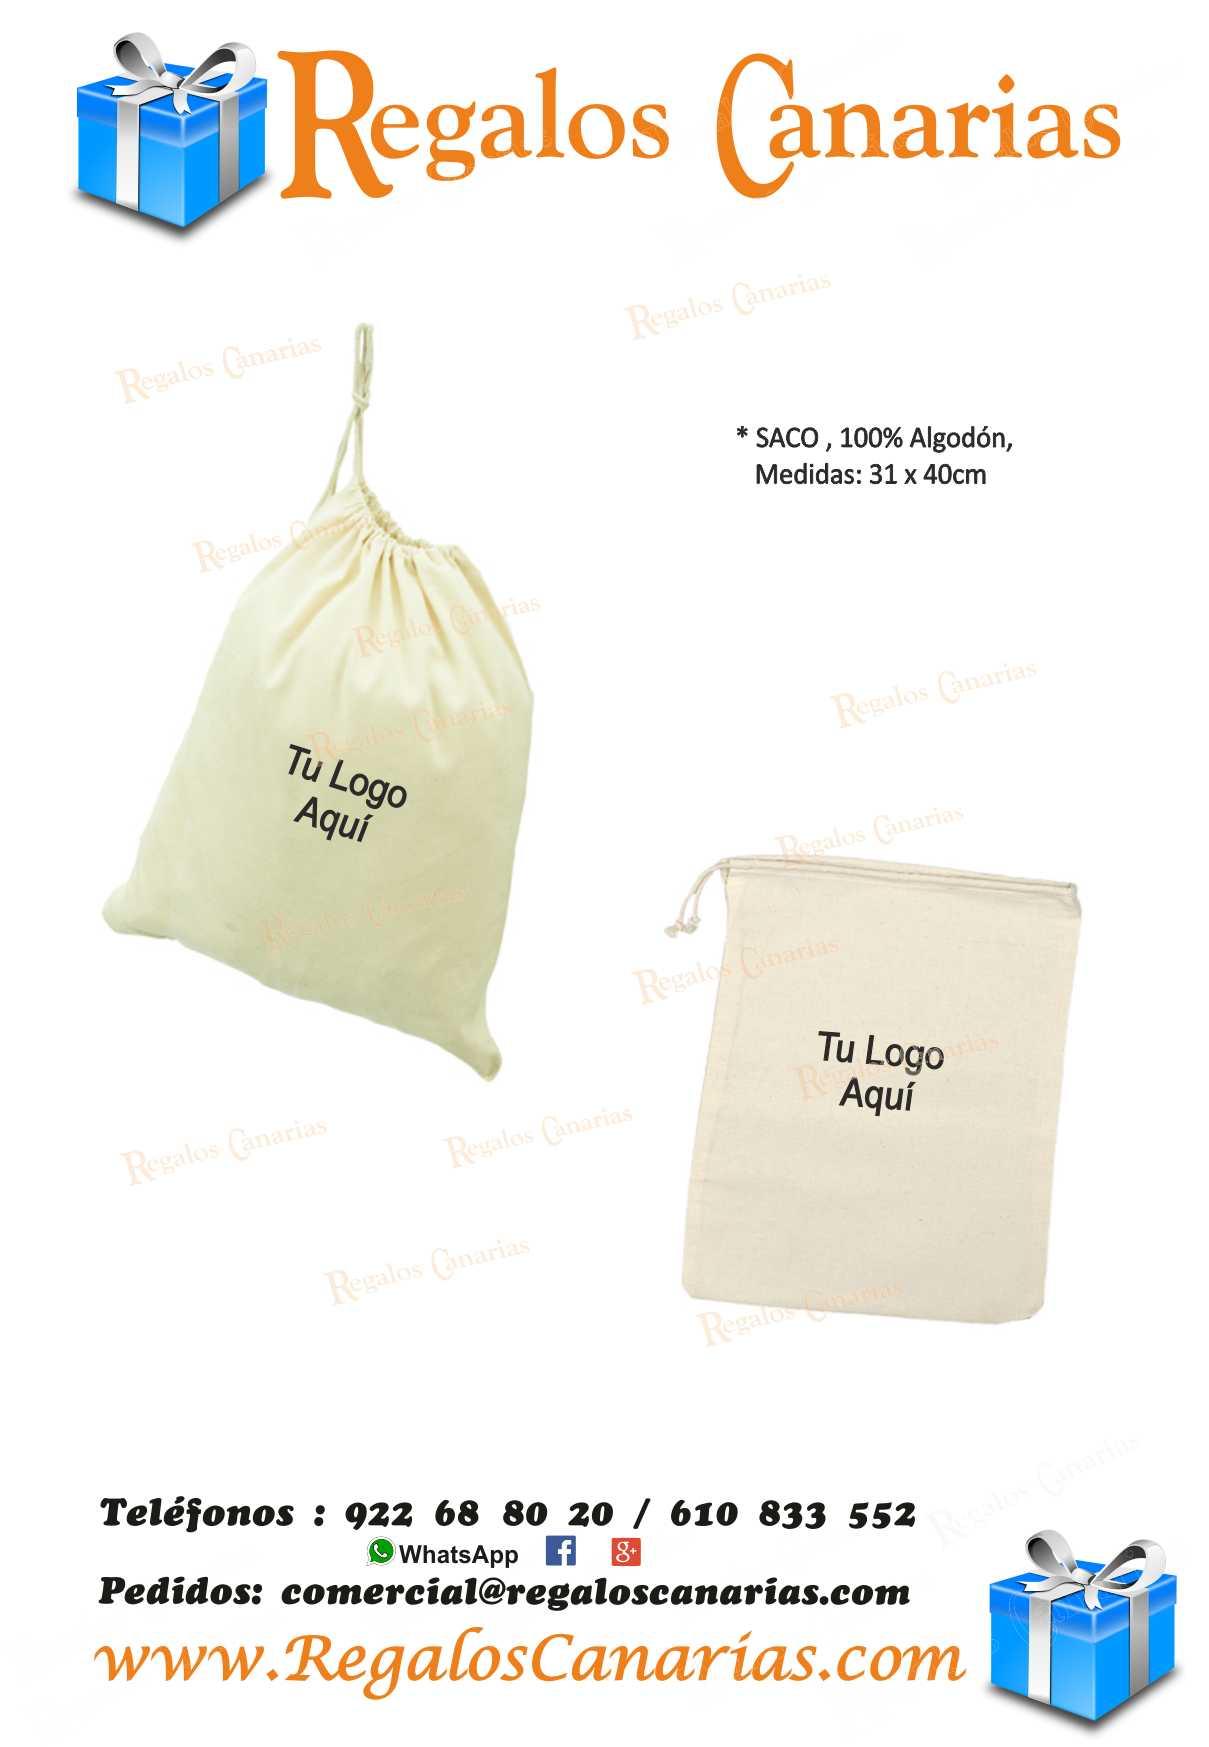 bolsas, algodón, personalizados, regalos, merchandising, publicidad, marketing, tenerife,canarias